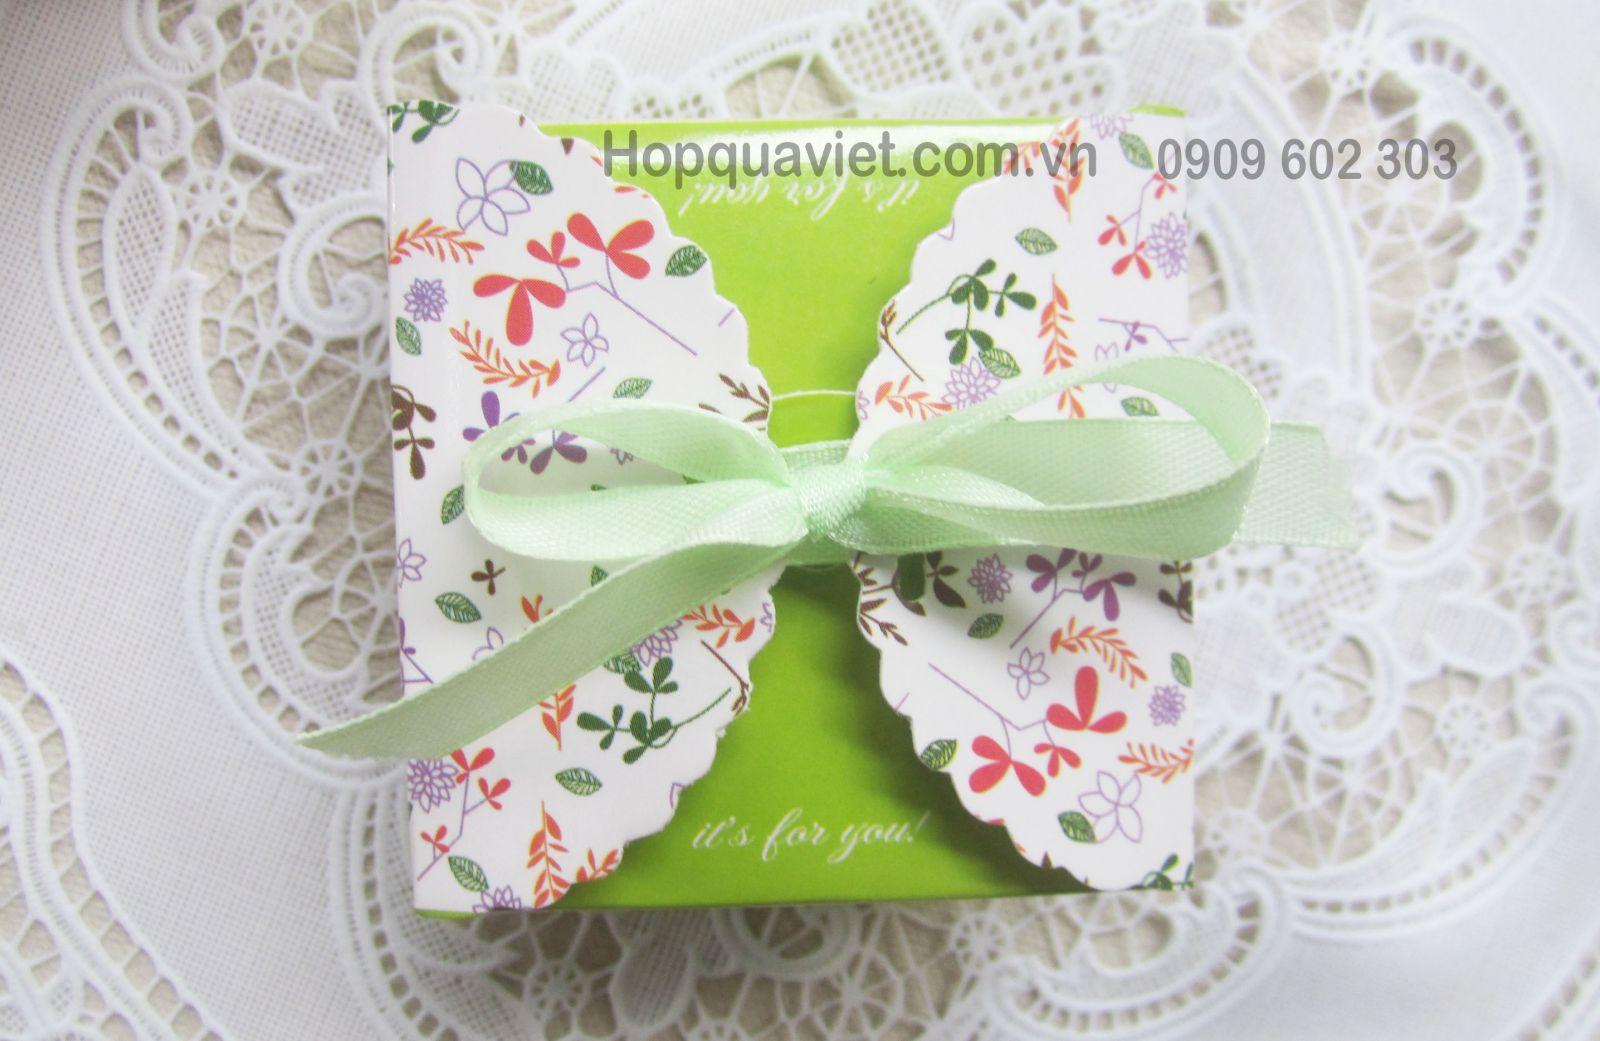 Hộp quà cưới xanh lá nơ 8V